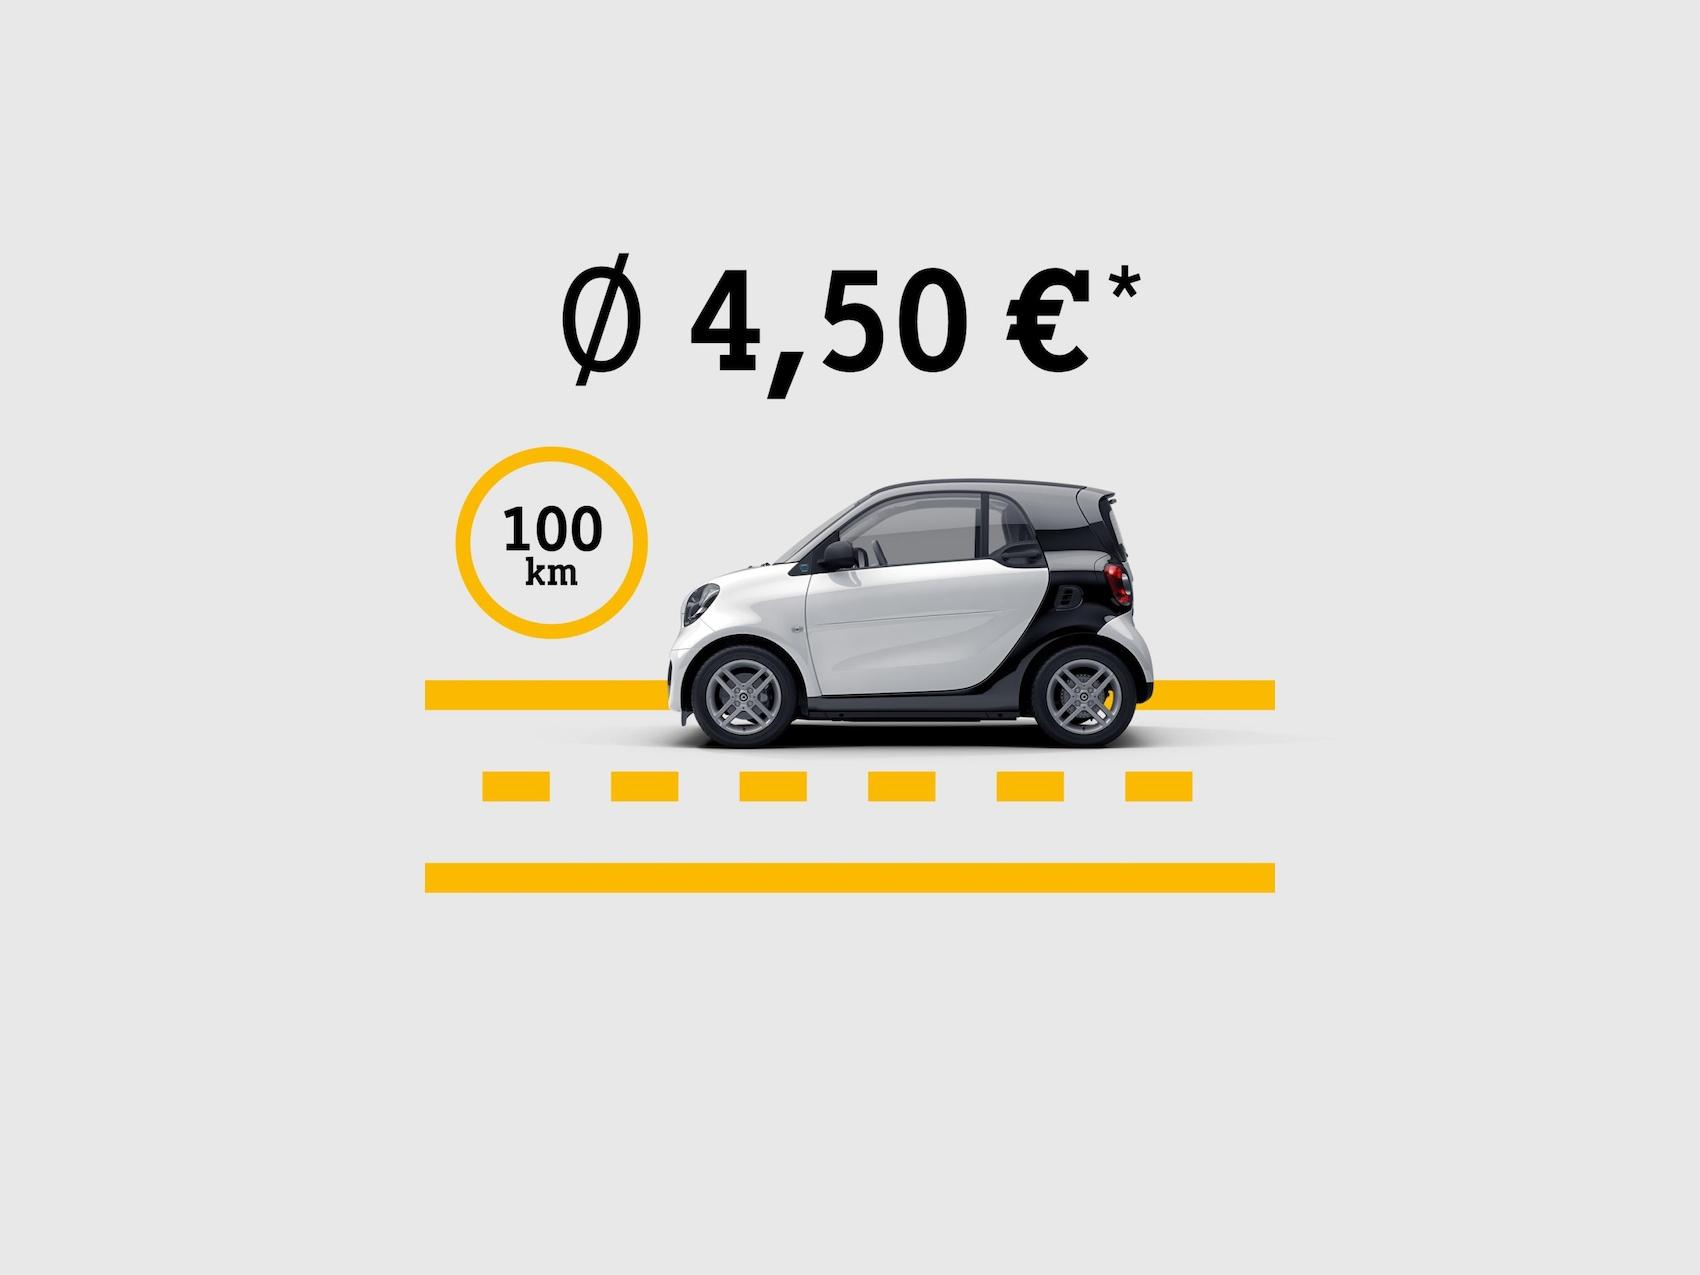 Representação gráfica dos custos energéticos de um smart EQ fortwo que se desloca numa estrada desenhada.